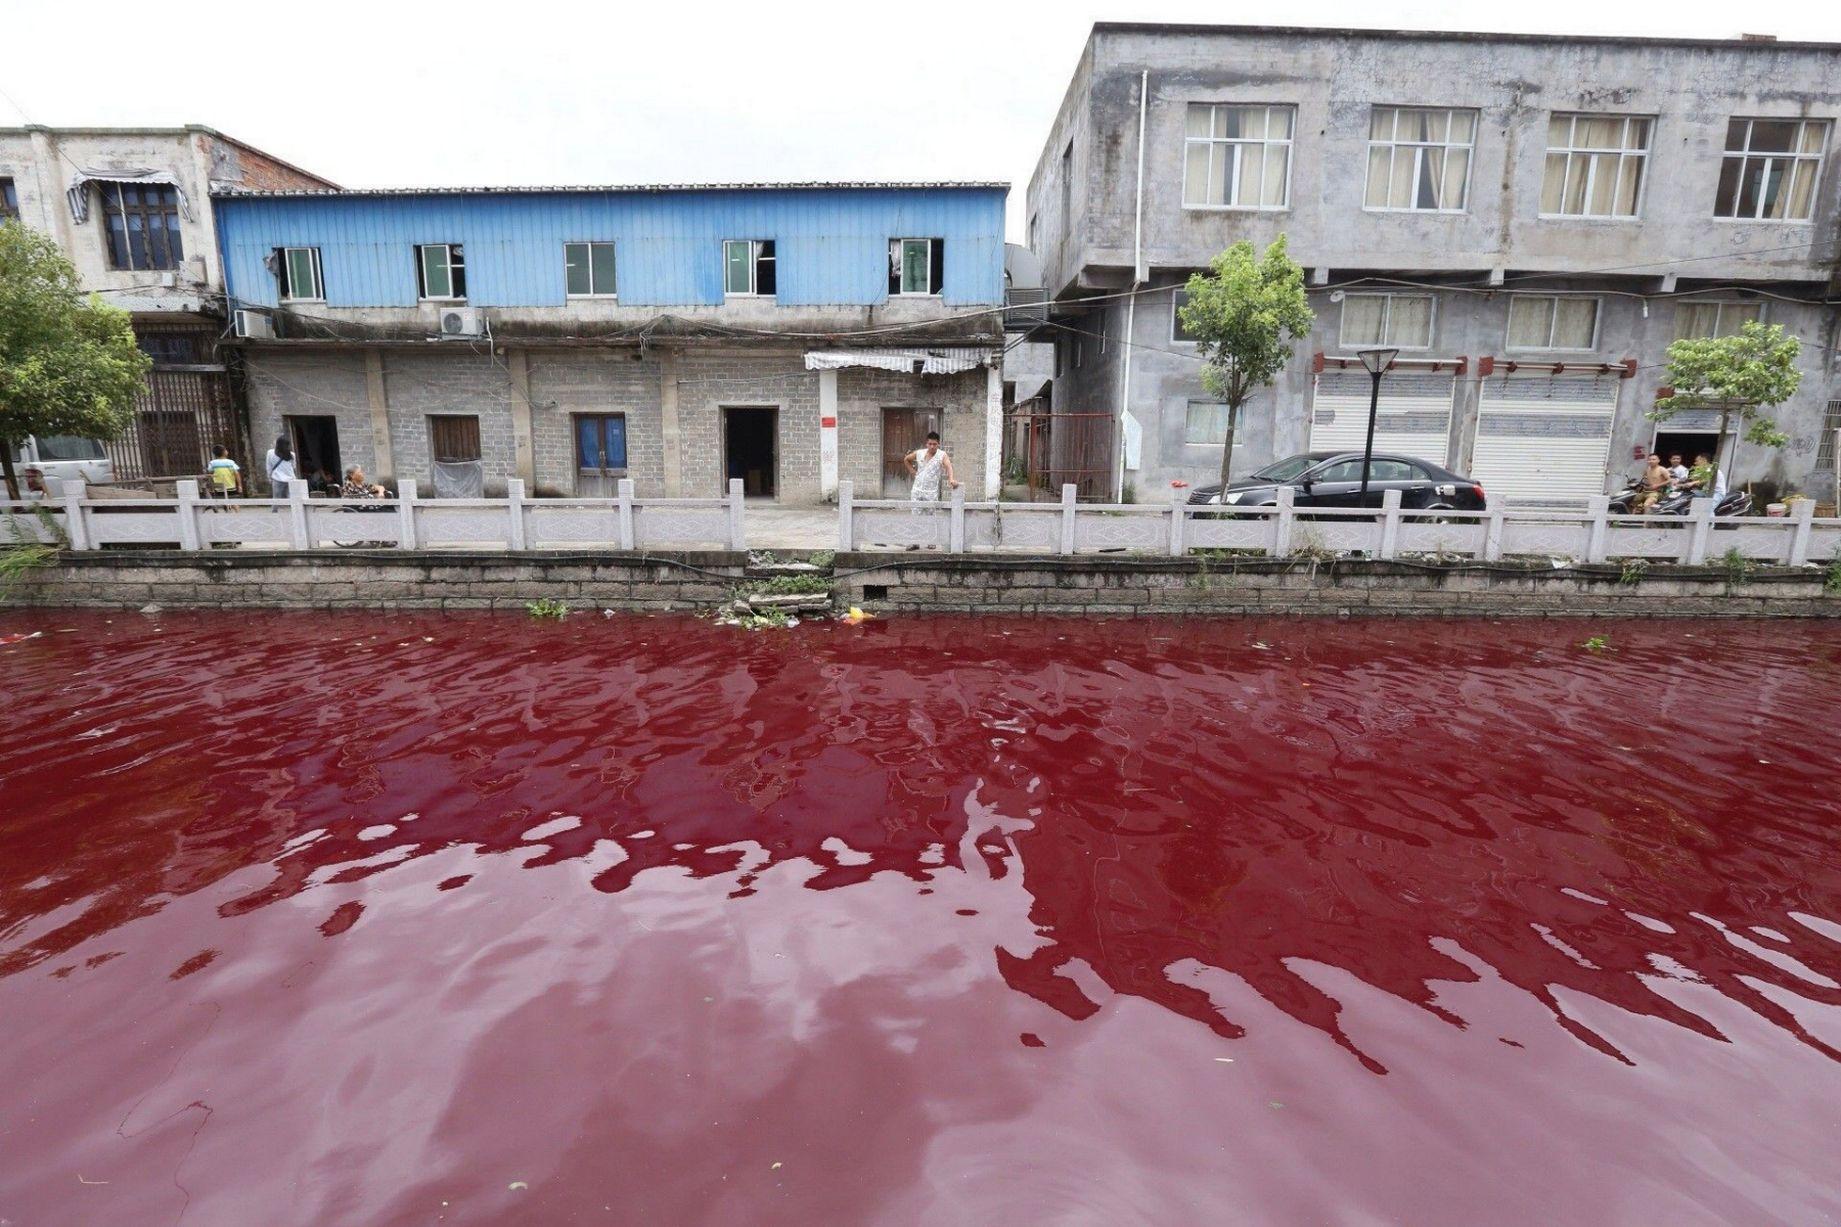 【中国】 突然、川が血の色のように真っ赤に染まる…地元は騒然